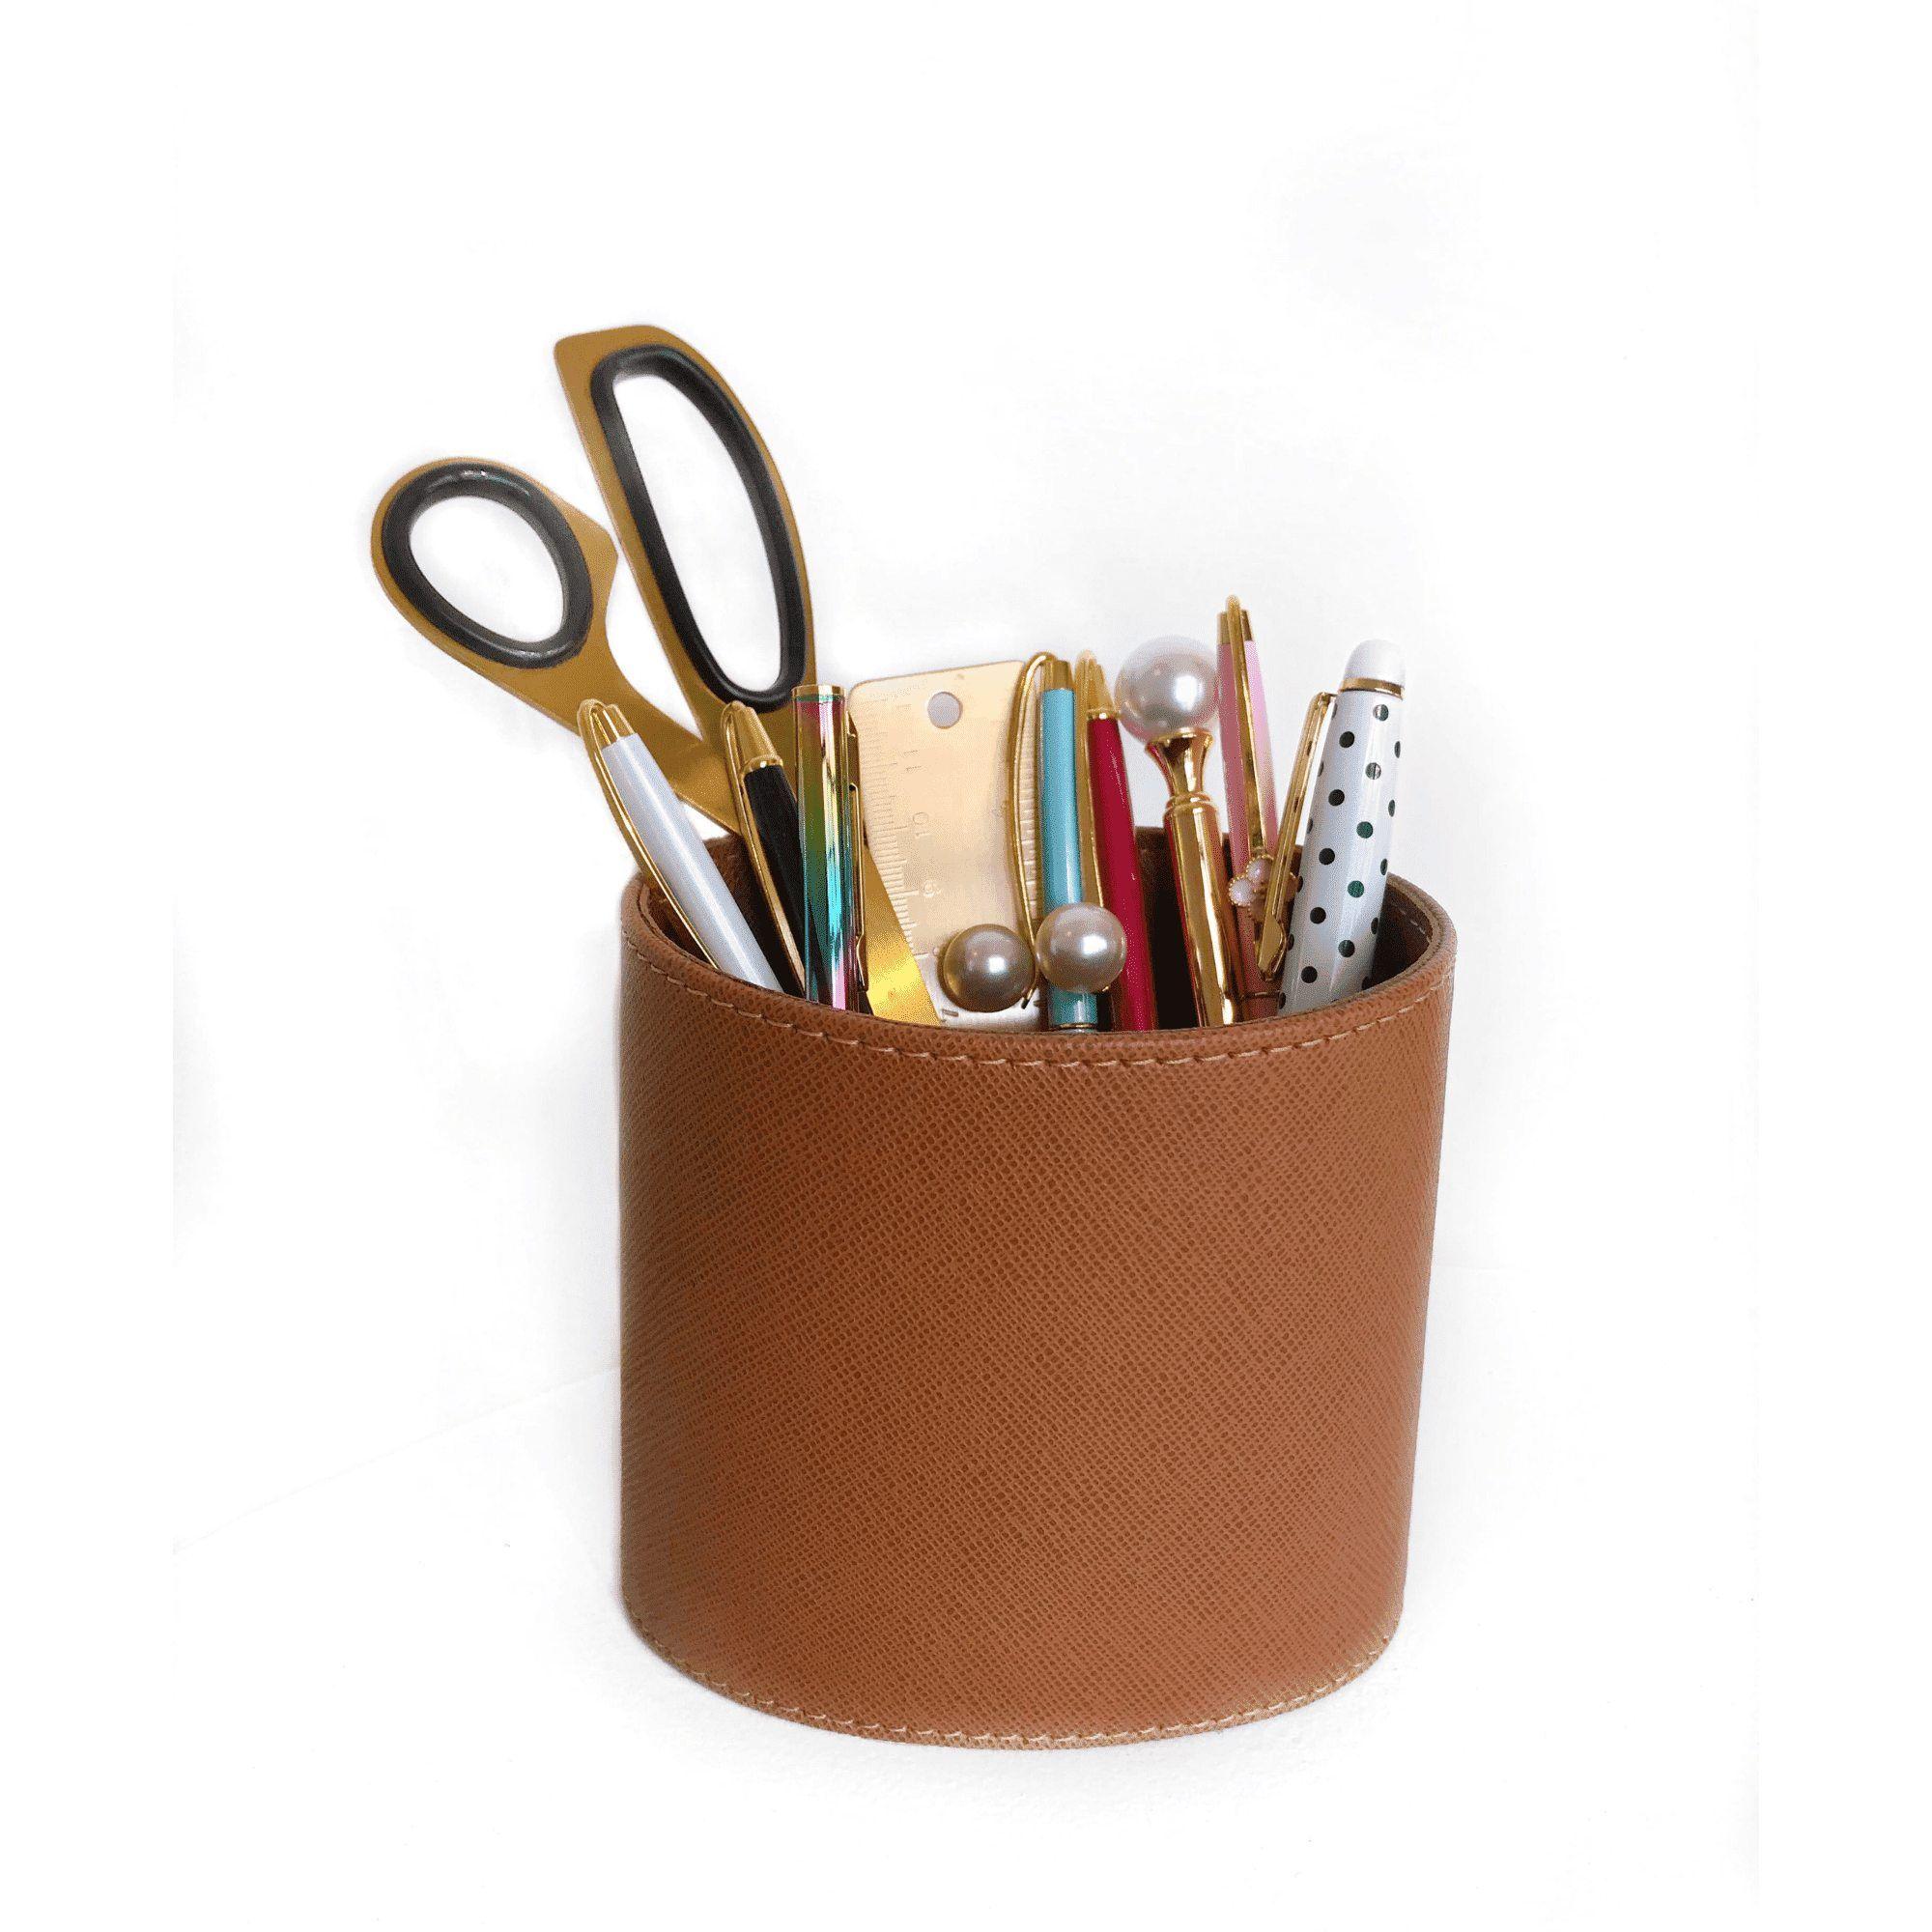 Porta lápis/controle/pincéis - Caramelo